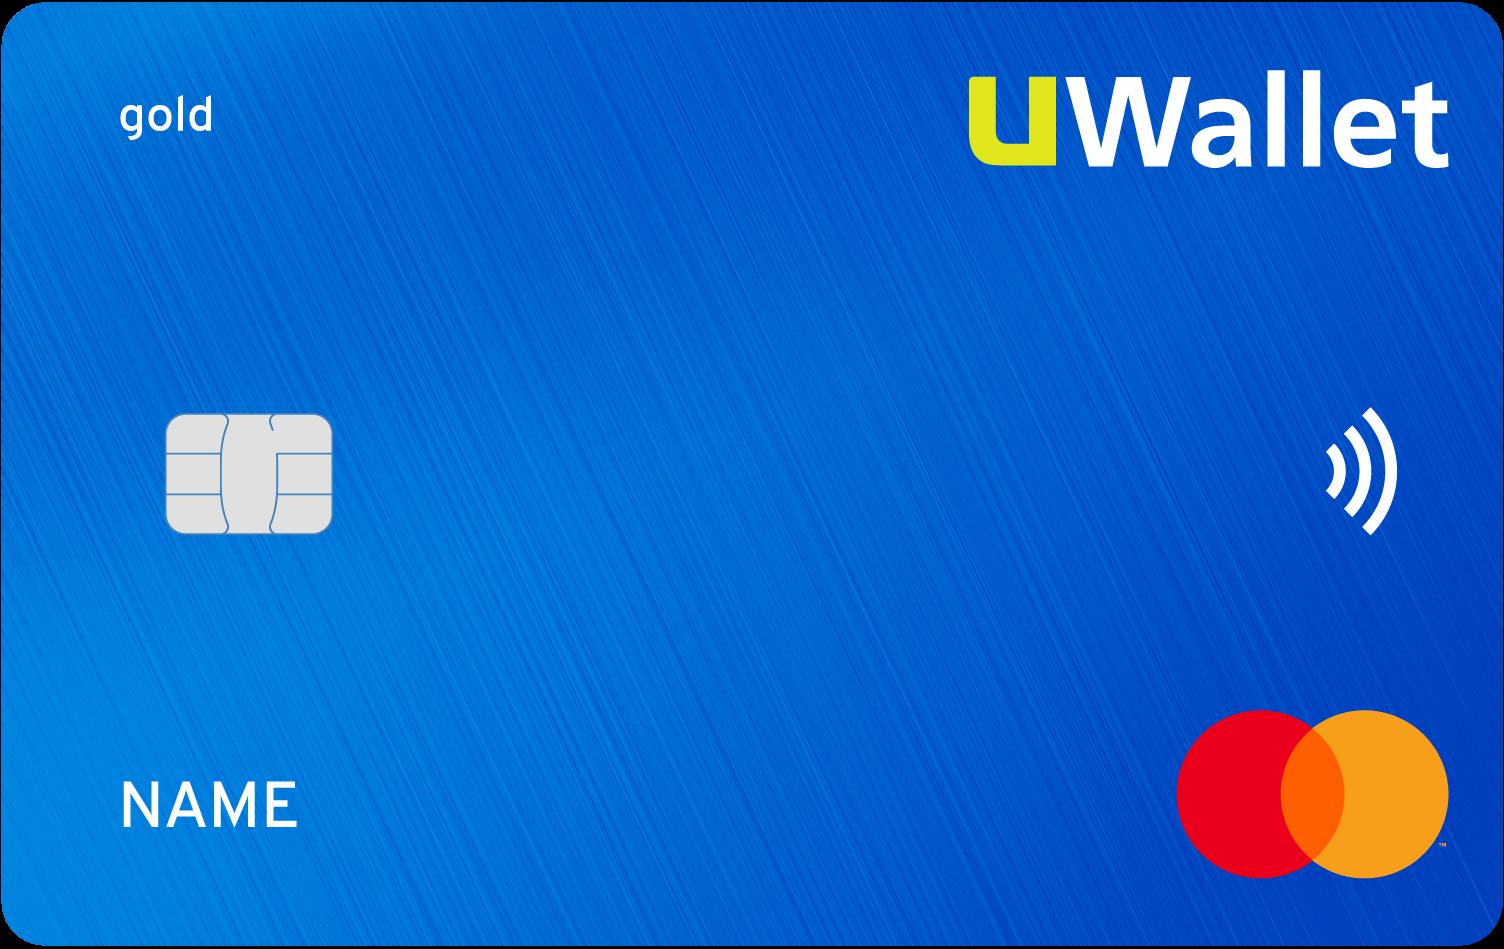 محفظة UWallet تطلق بطاقة ماستركارد للدفع المباشر